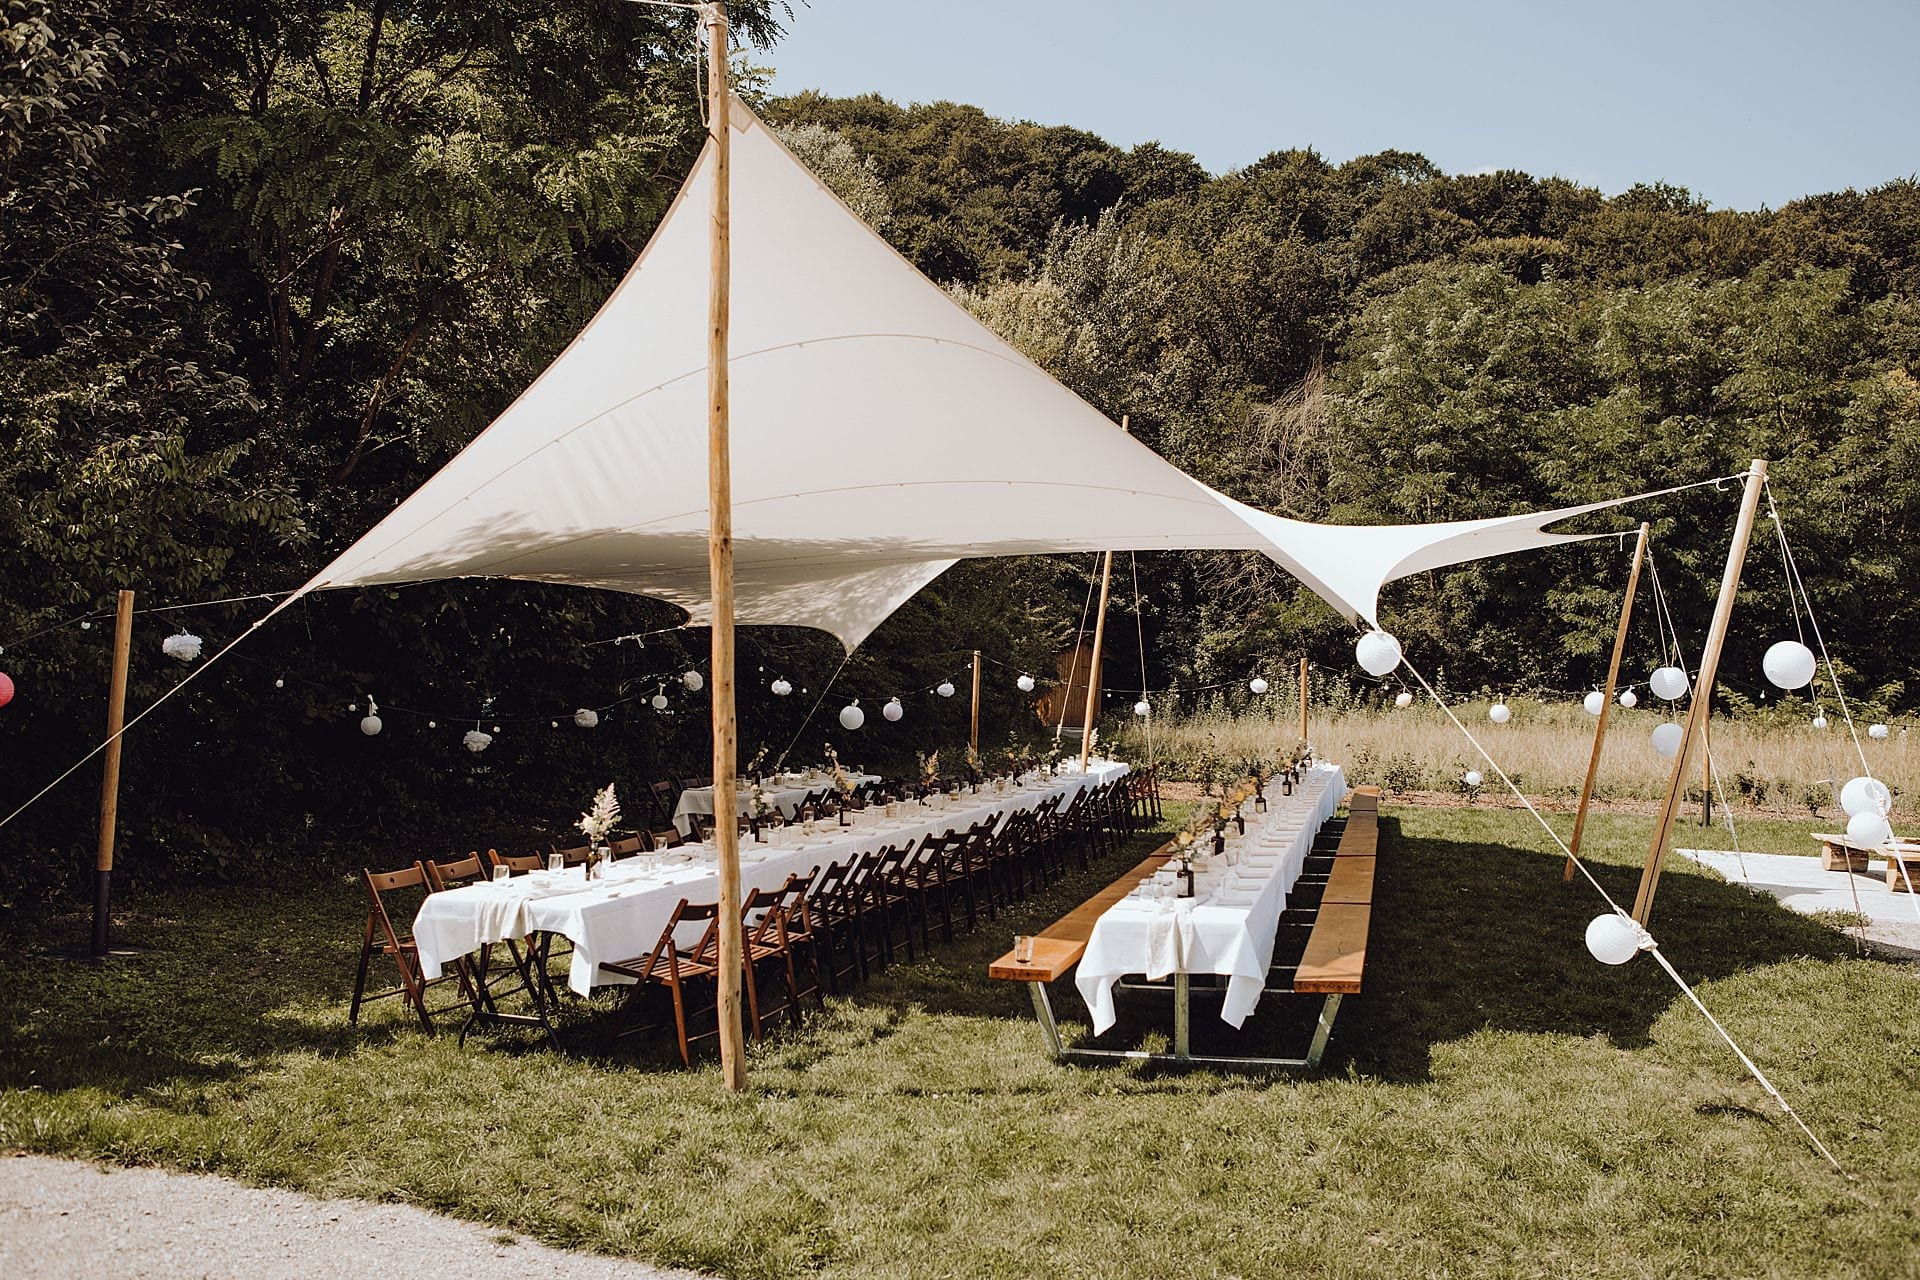 Gedeckte Tische unter einem Stretch-Zelt bei einer outdoor Feier.